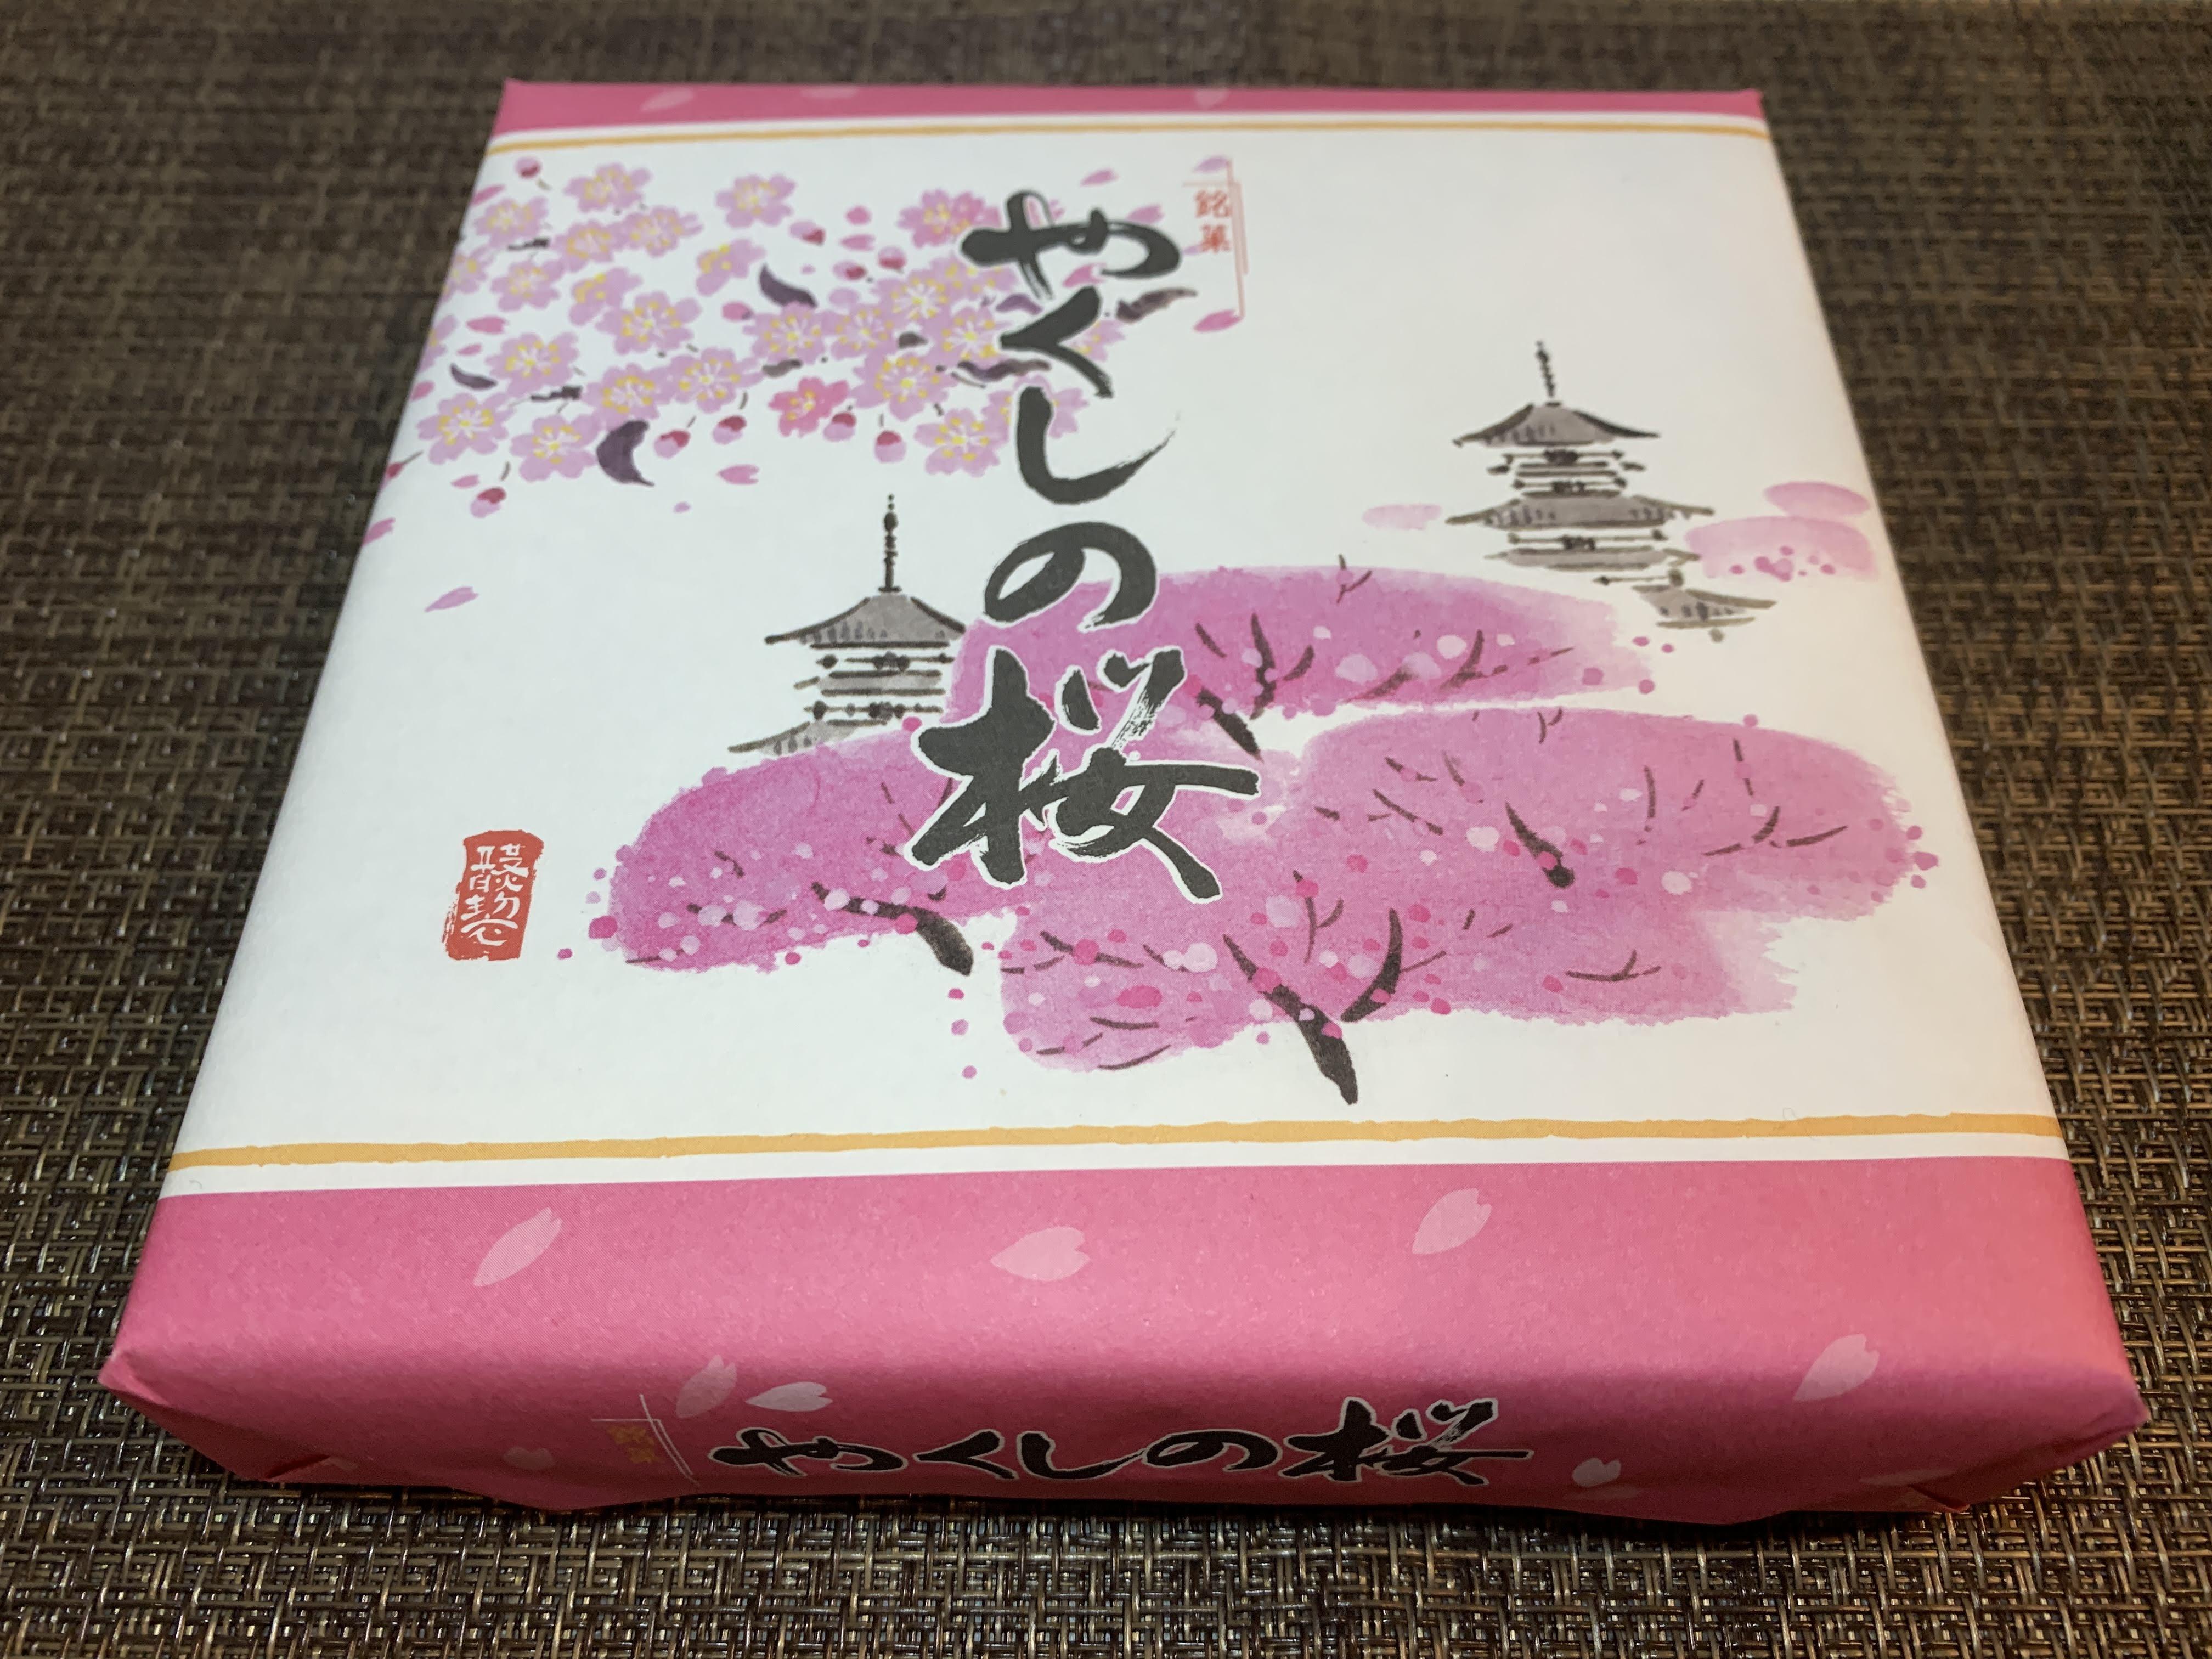 鹿栖庵のやくしの桜:和生菓子を食べてみた!味の感想やカロリーなど